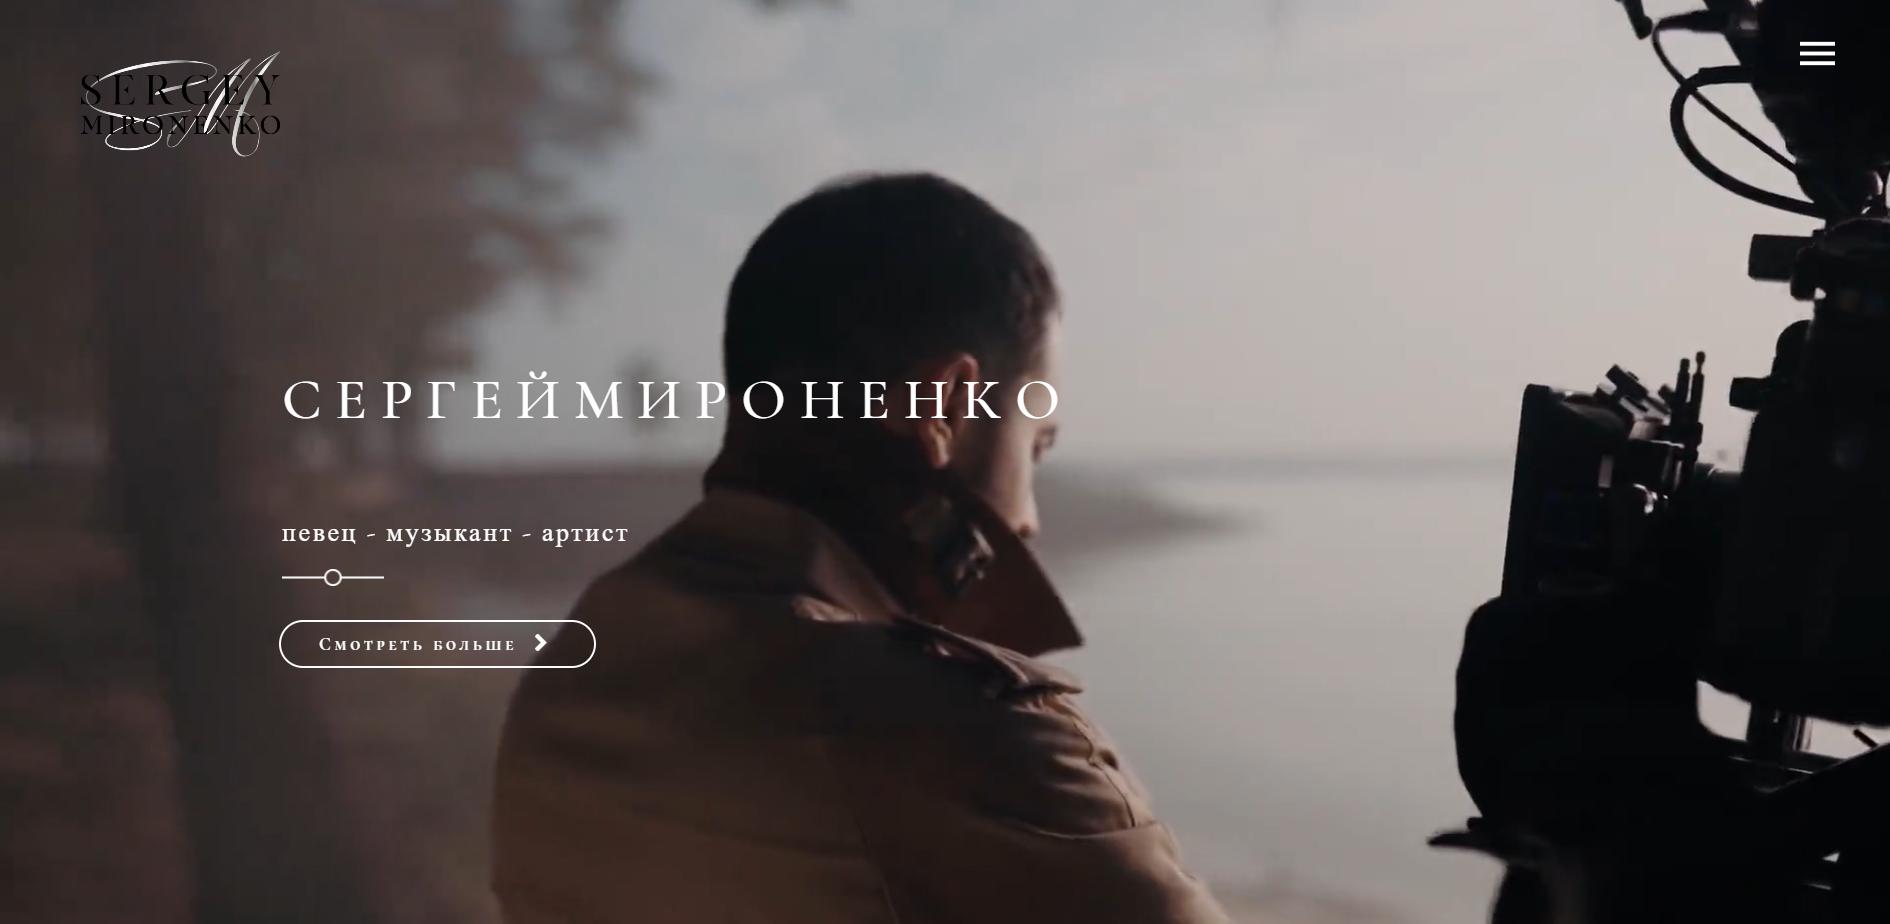 Сергей Мироненко | iProWeb